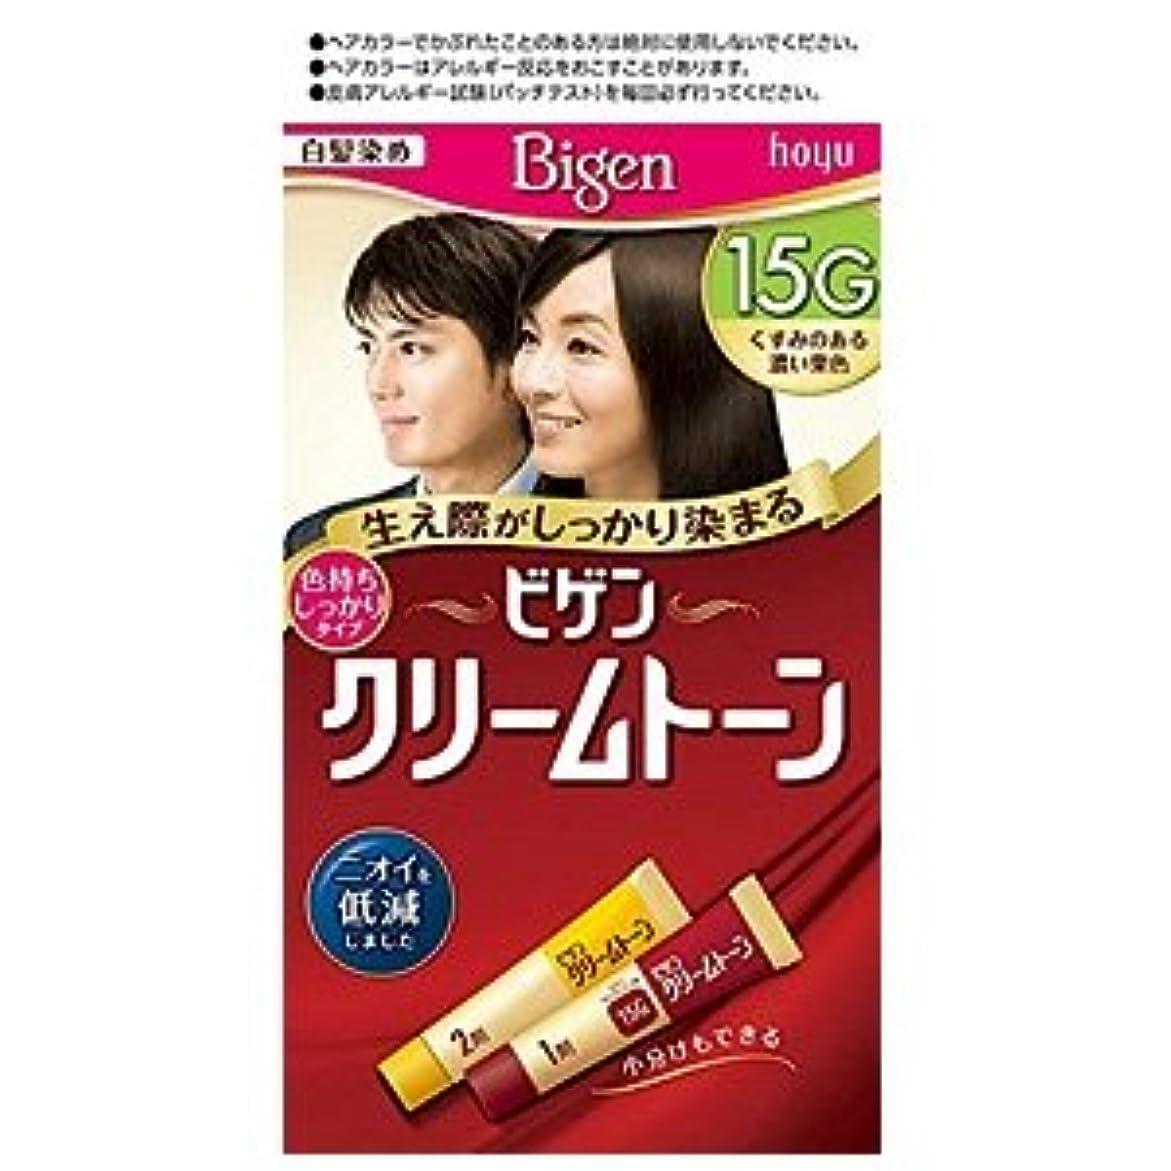 汚れた小さなエスカレータービゲン クリームトーン 15G(くすみのある濃い栗色) ×6個